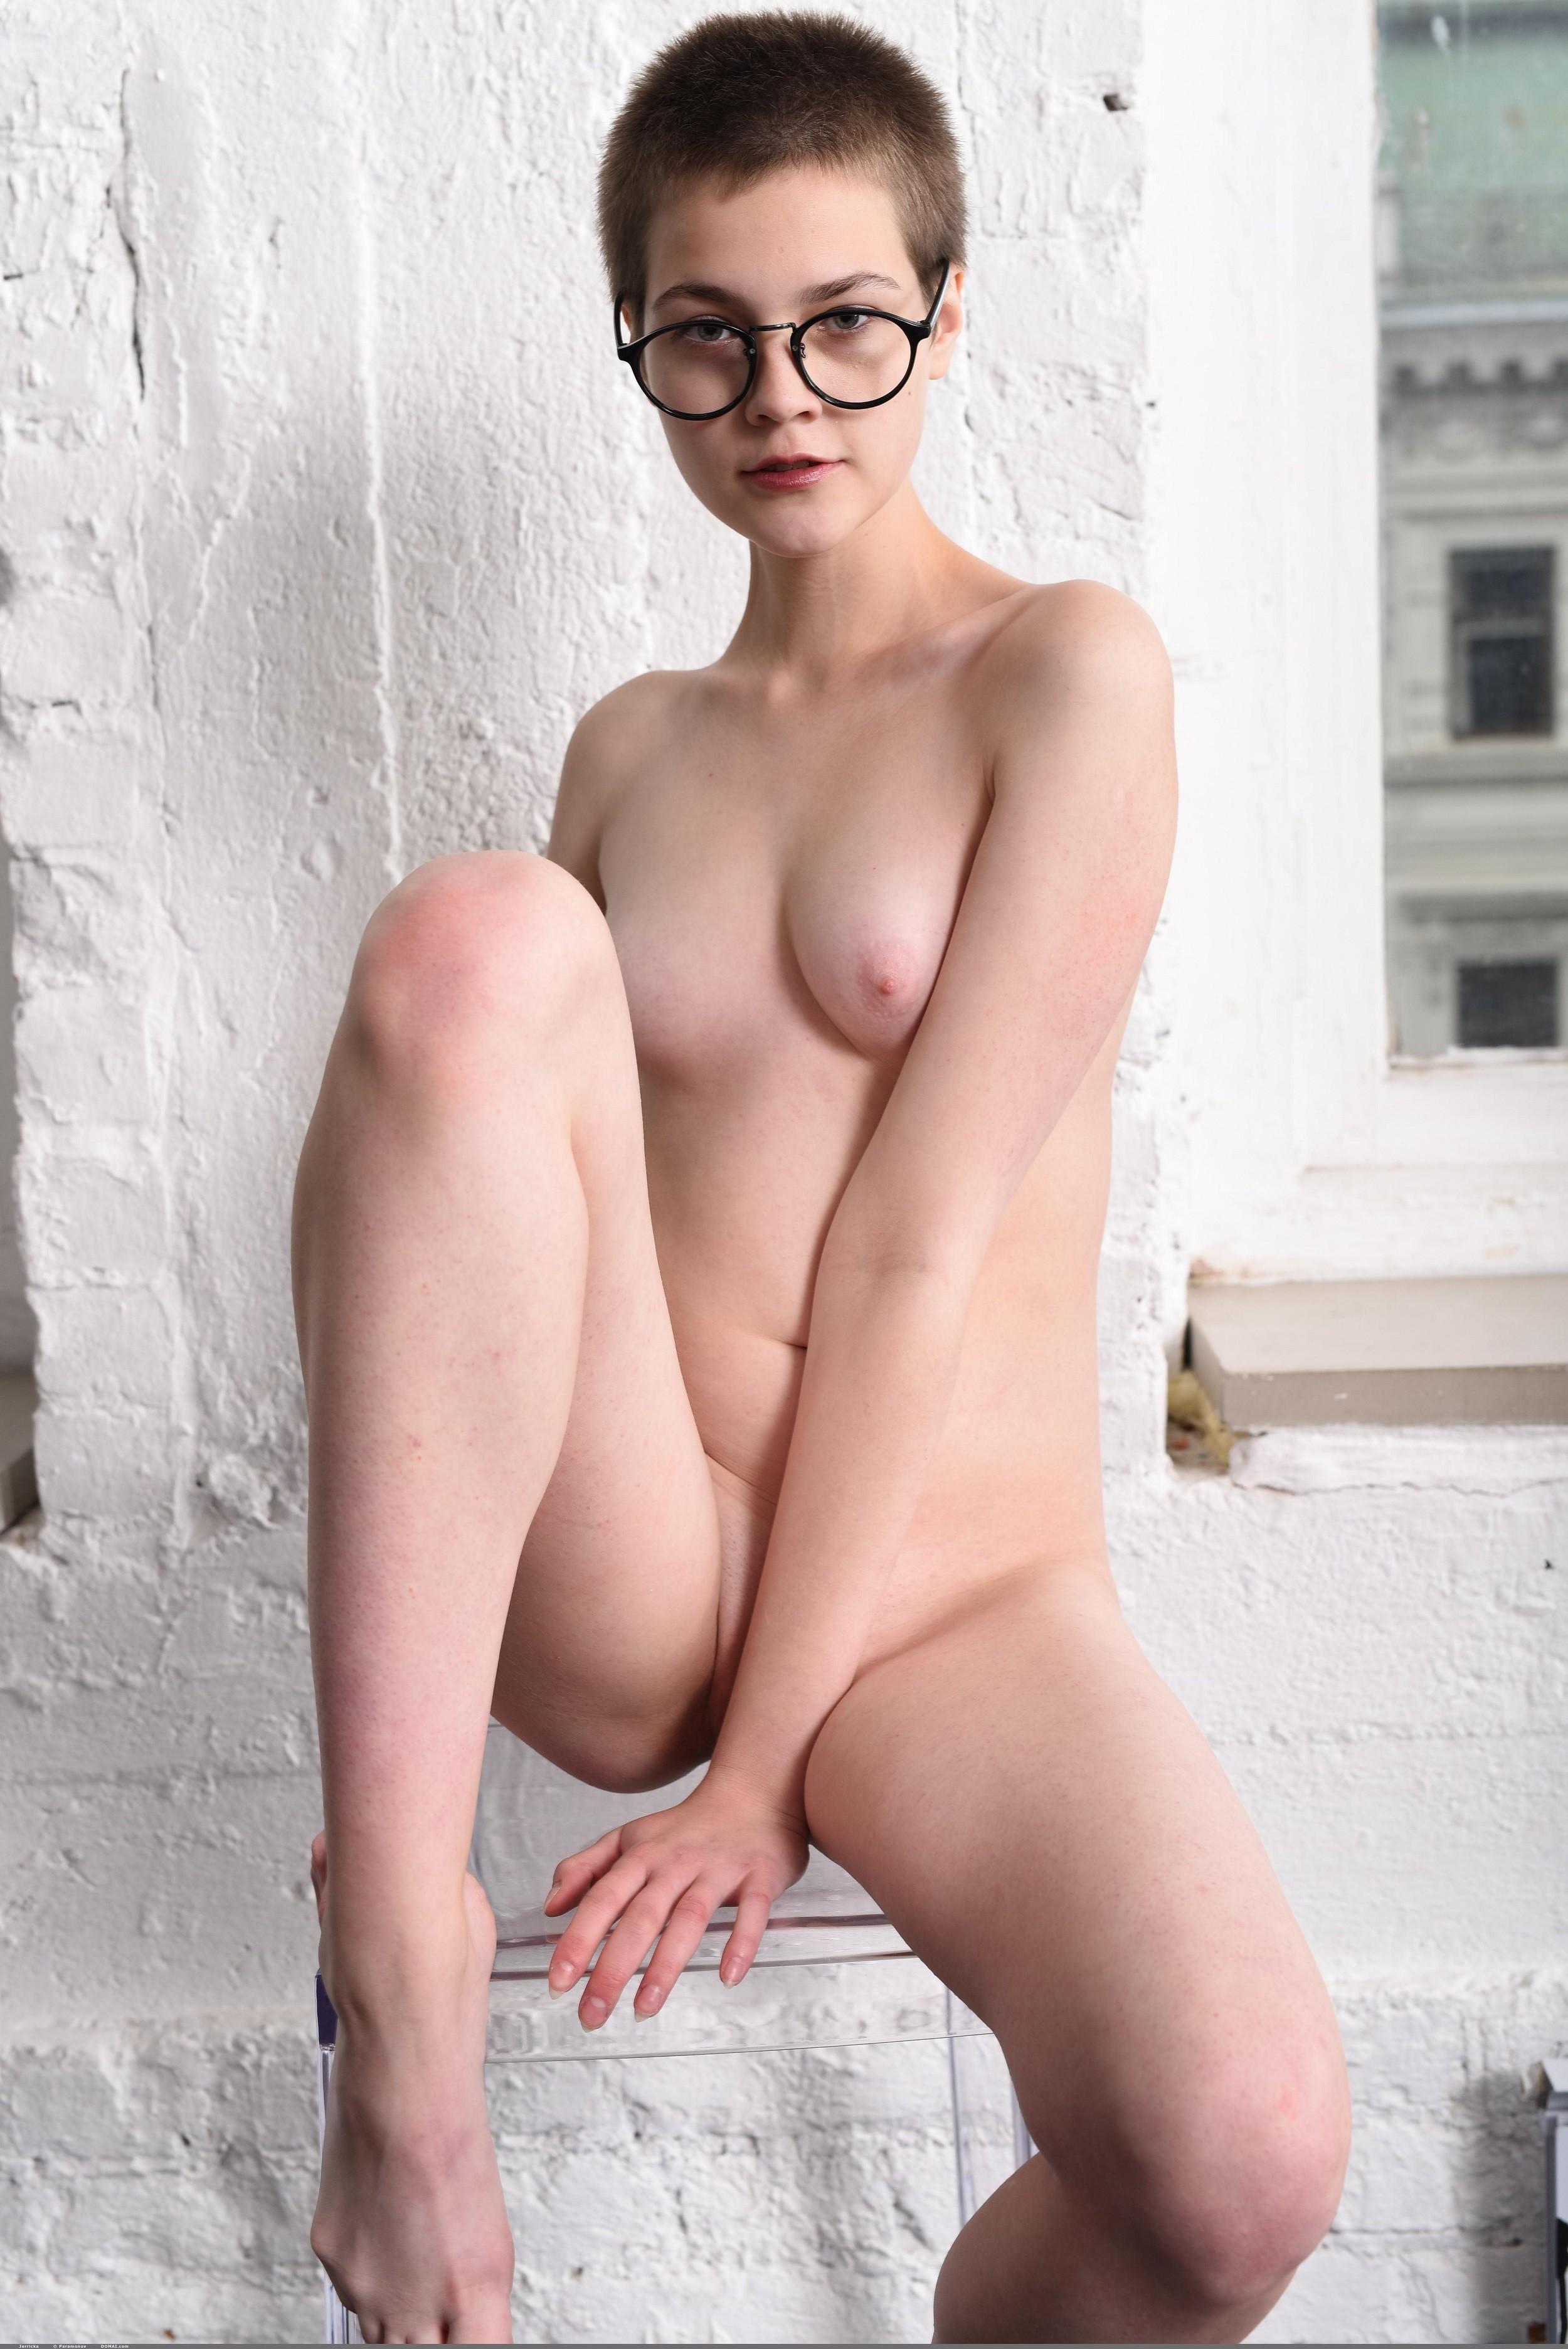 Коротко стриженная голая девушка в очках на стуле - фото